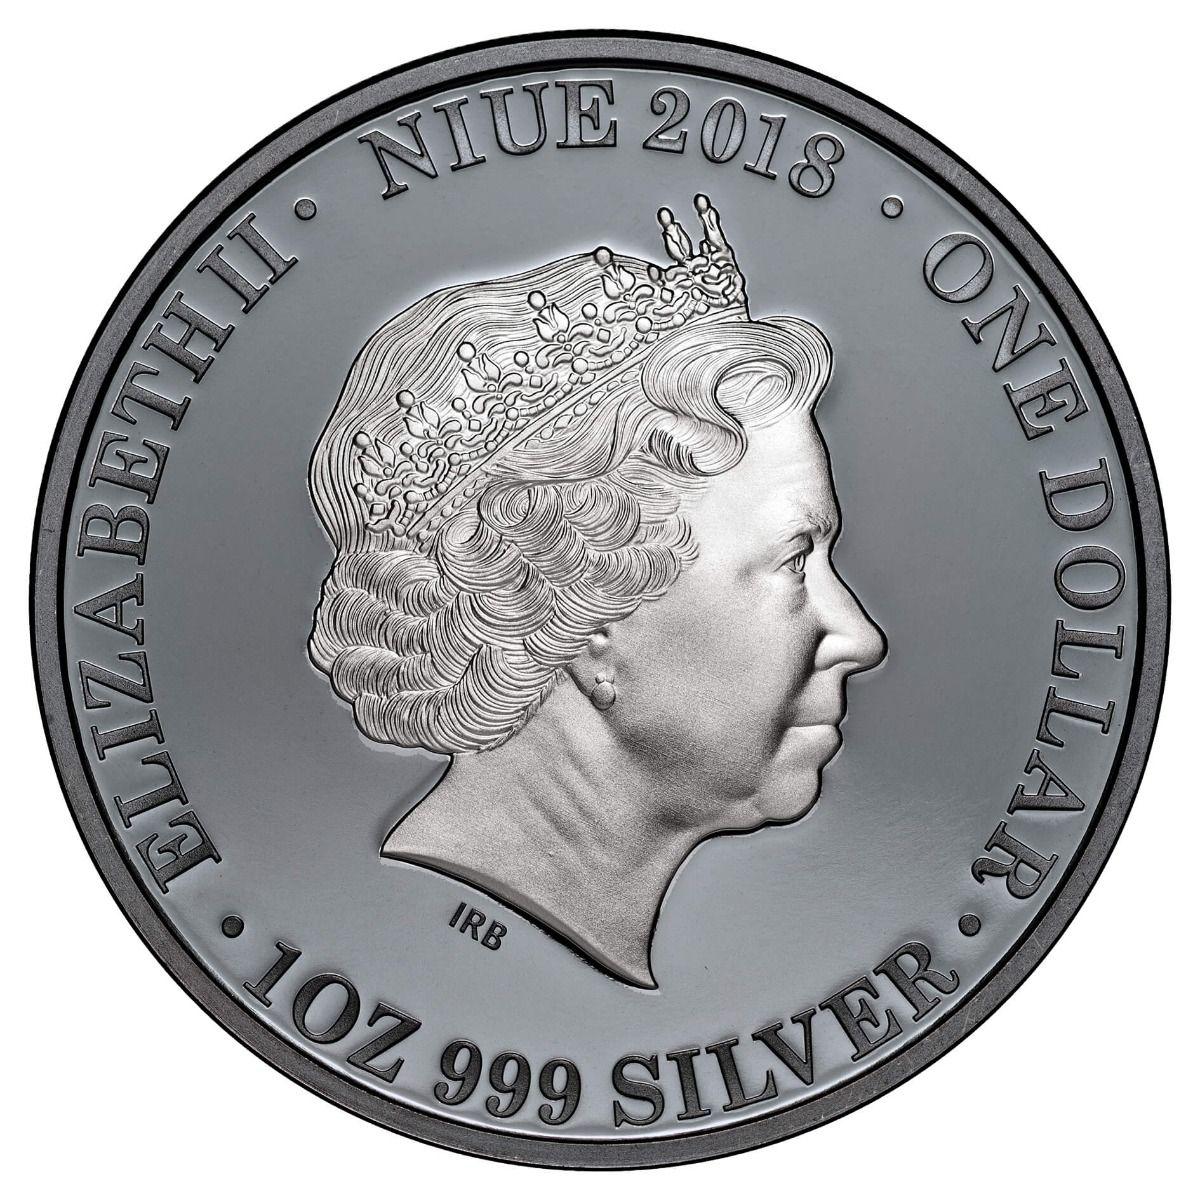 Утконос на серебре от имени острова Ниуэ